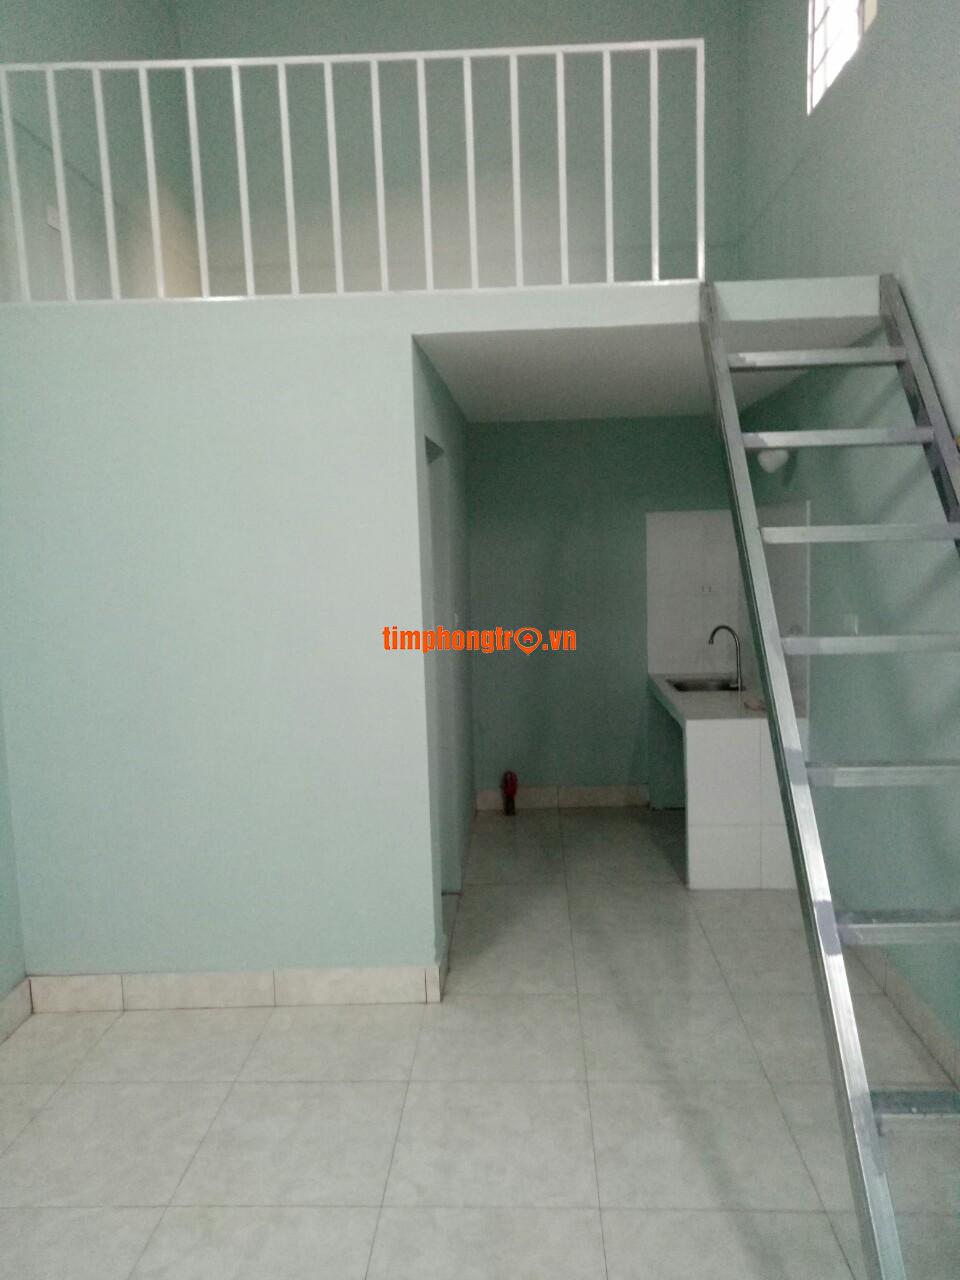 Cho thuê phòng trọ khép kín 30m - Lạc Thị - Ngọc Hồi - Thanh Trì( có wifi)